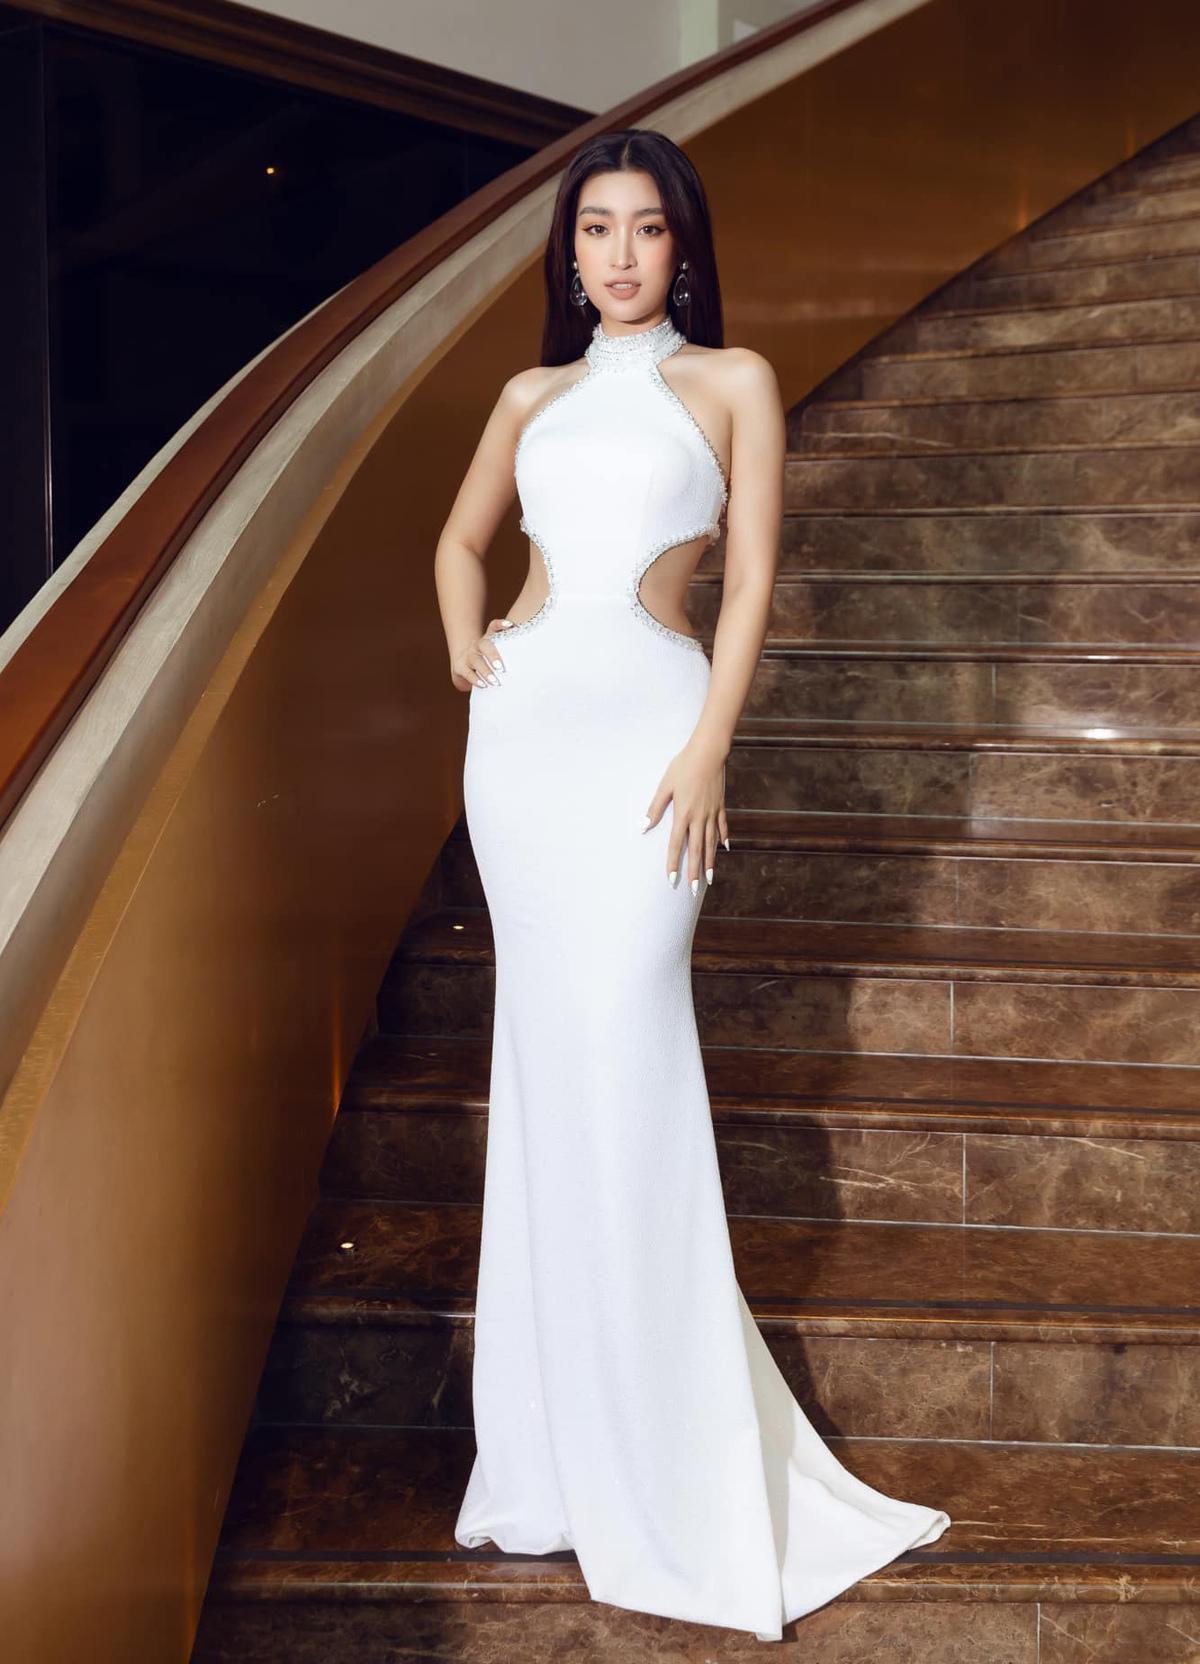 Xem mỹ nhân Việt mặc đẹp tuần qua Ảnh 5